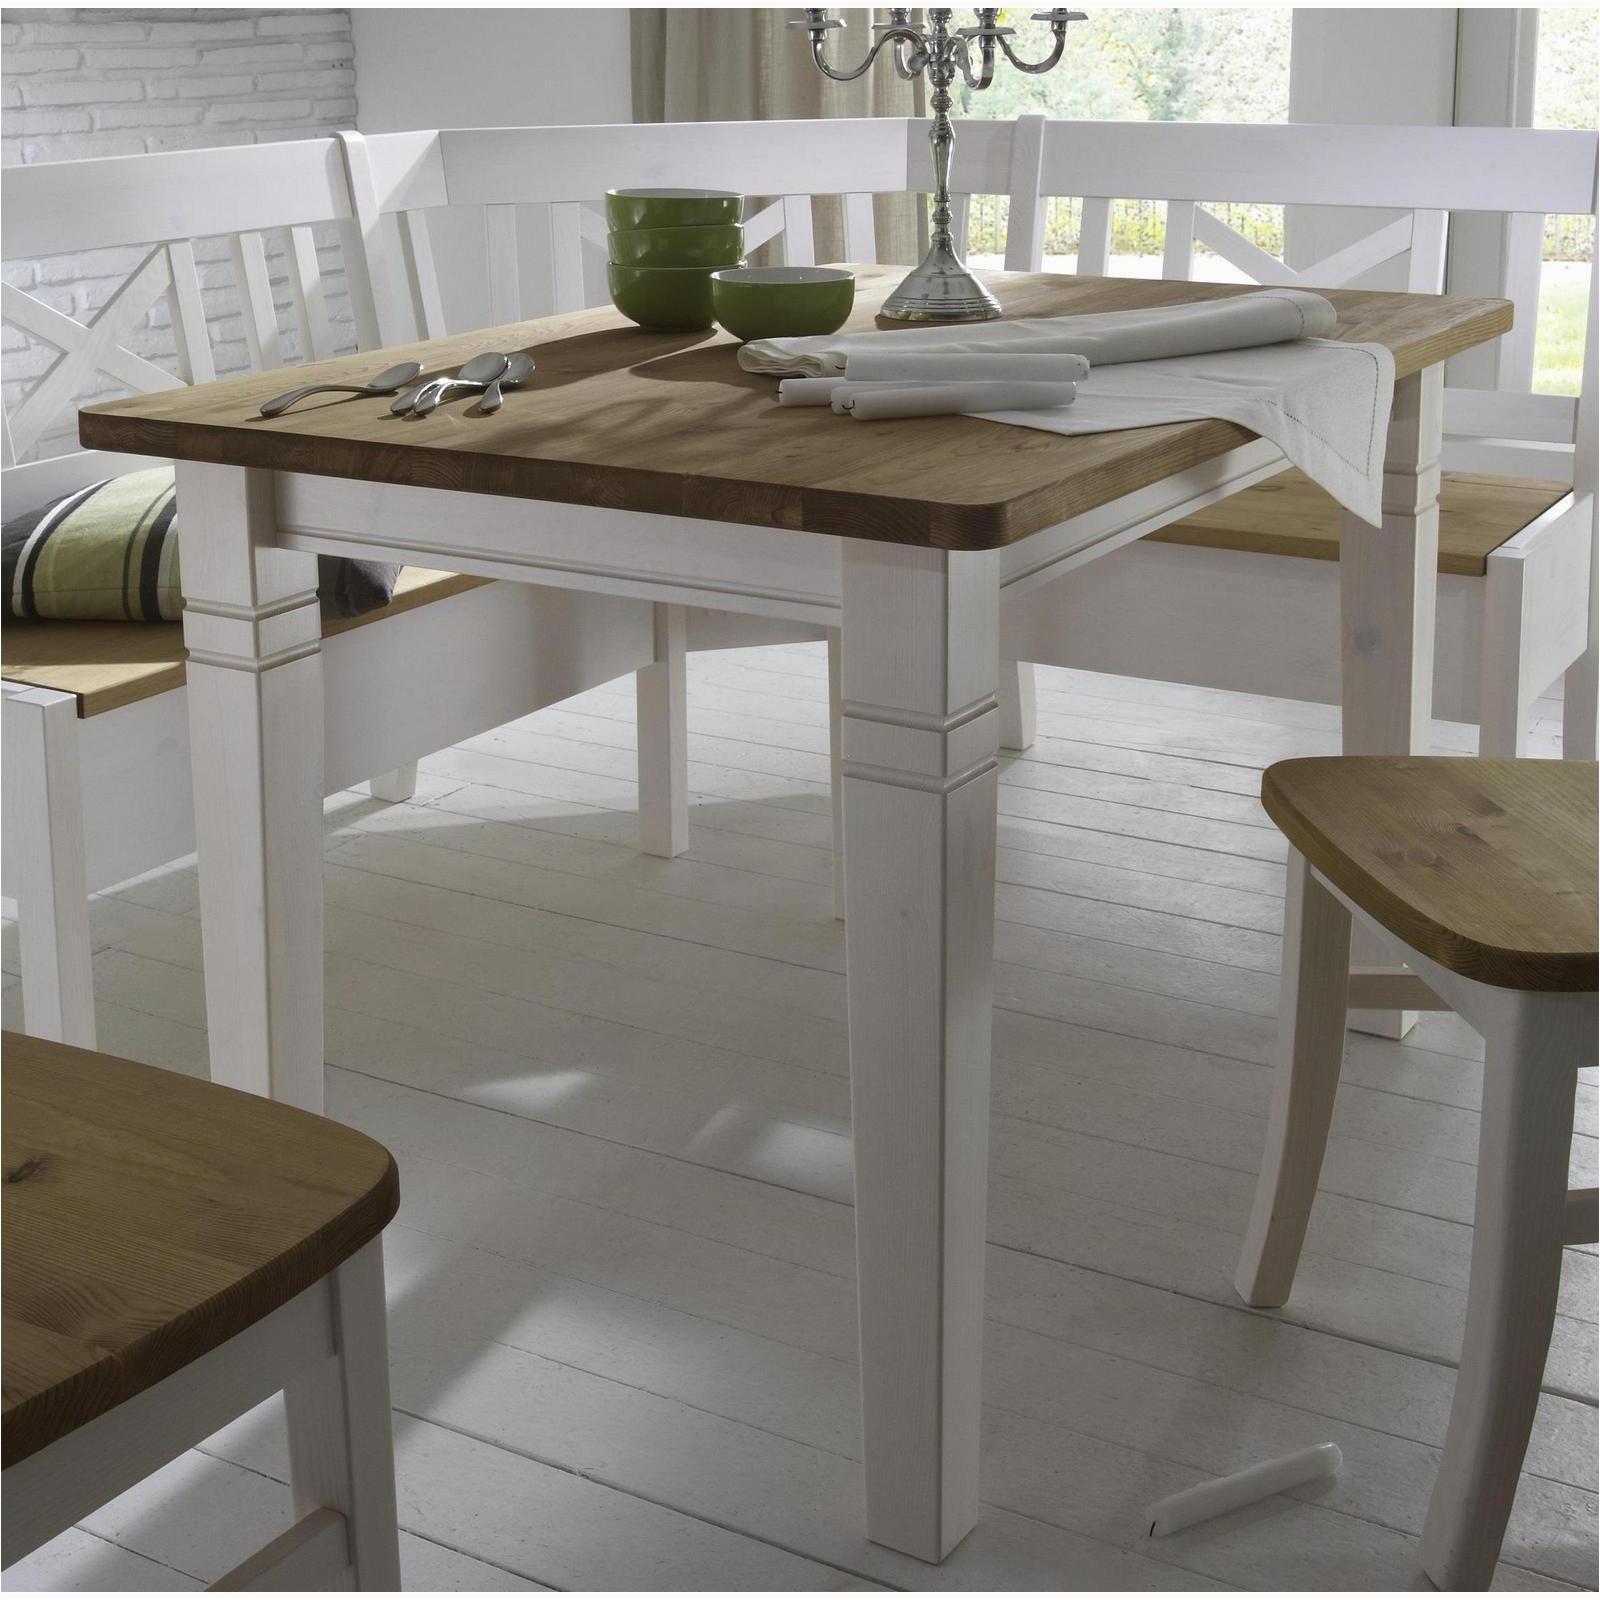 Küchentisch Otto Versand Malaysia 8 Fantastisch Otto Küchentisch Weiß Tisch In Der Küche